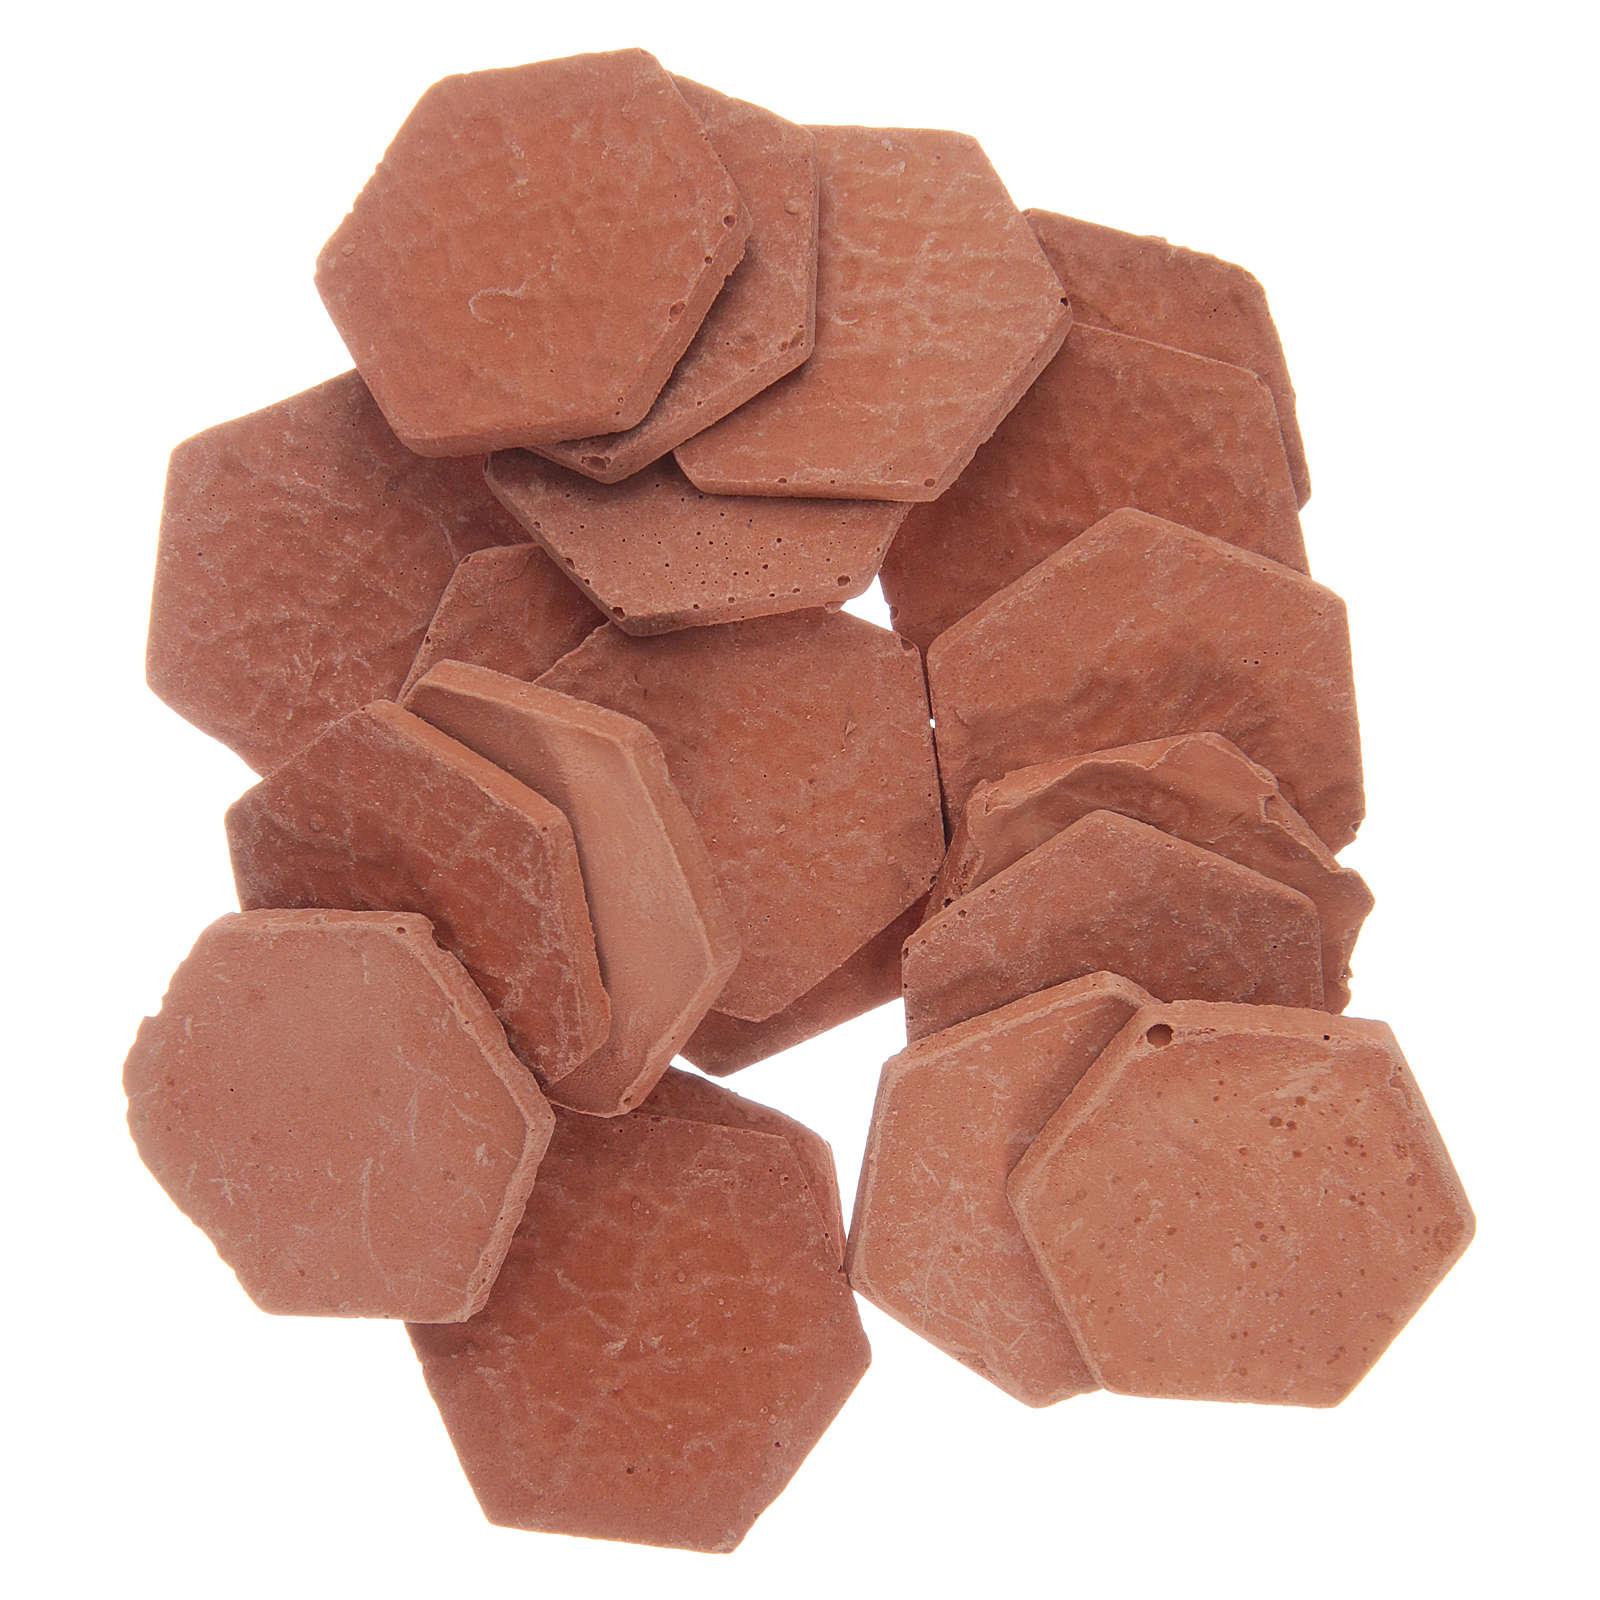 Resin hexagonal terracotta colour tiles 20 pieces 4